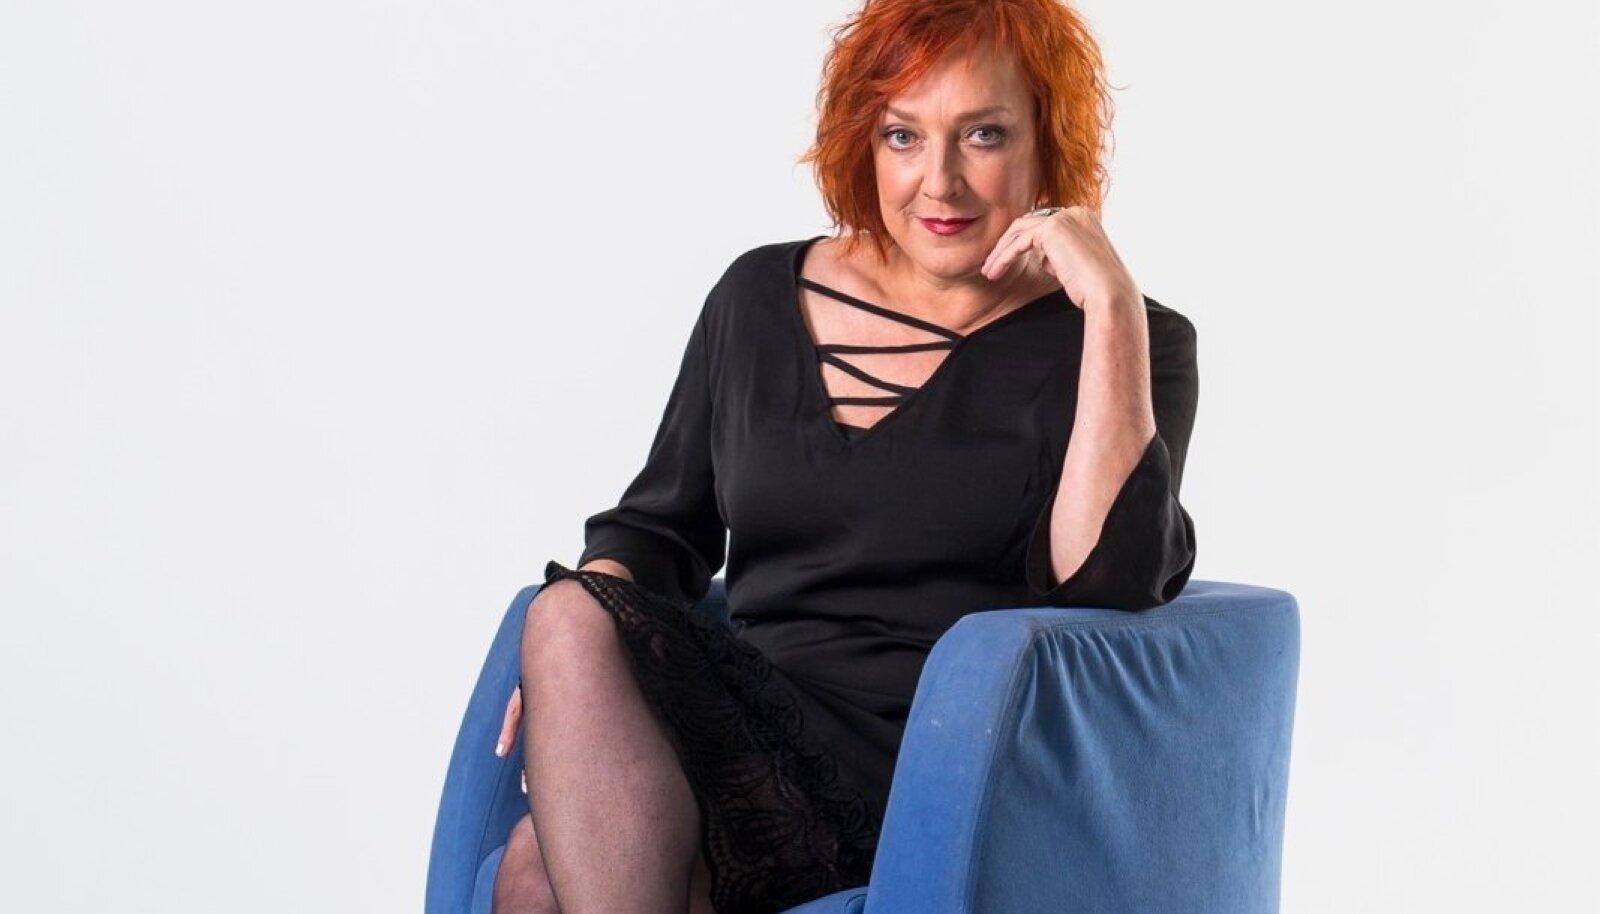 Известная телеведущая Майре Аунасте задержана пьяной за рулем